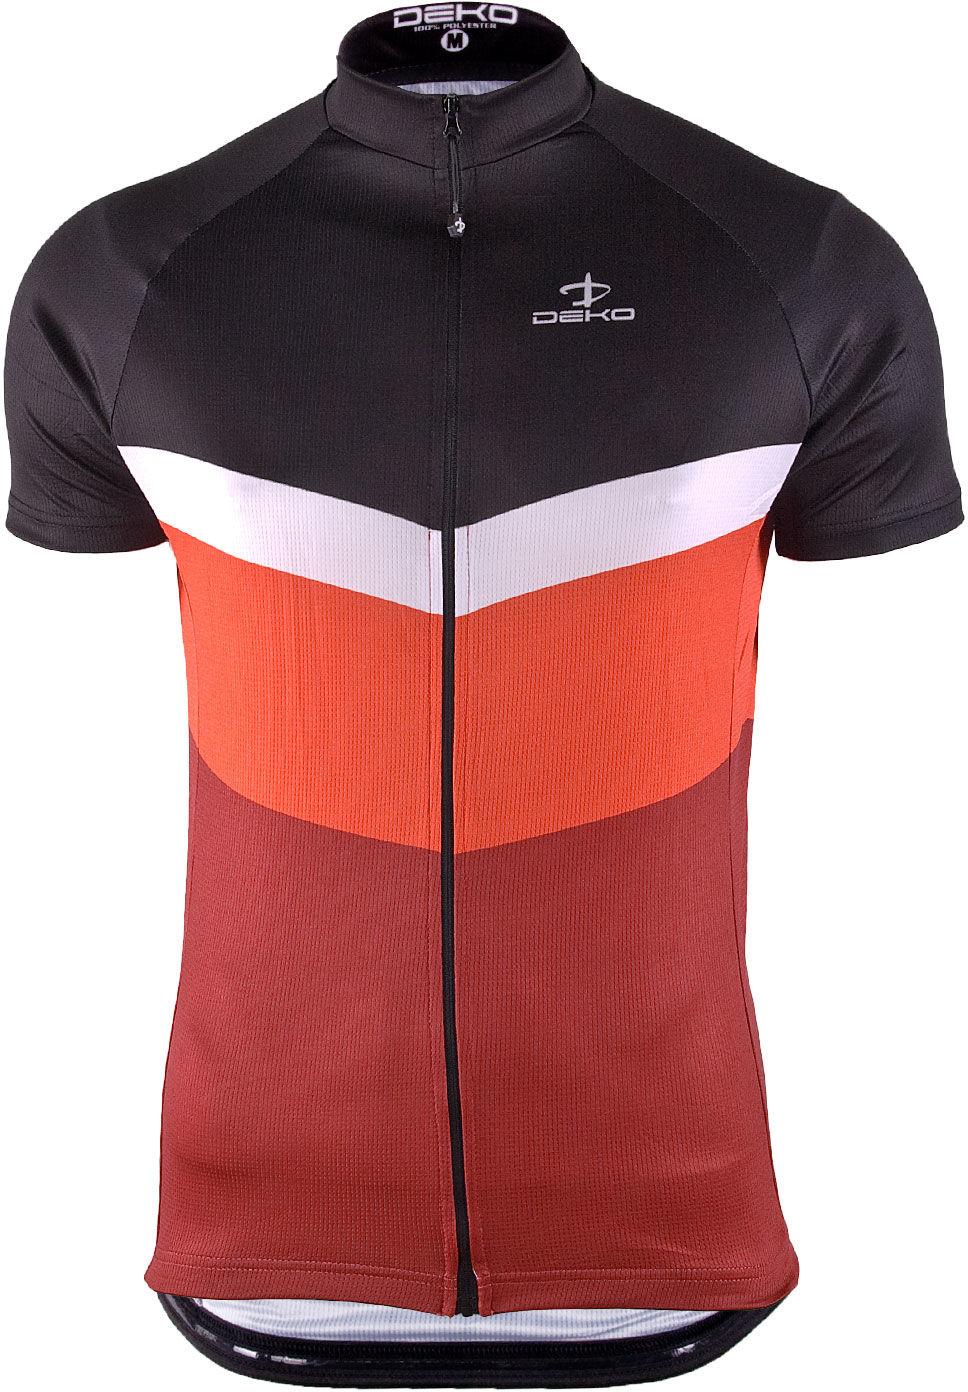 DEKO męska koszulka rowerowa krótki rękaw Pomarańcz MNK-002-05 Rozmiar: L,MNK-002-05